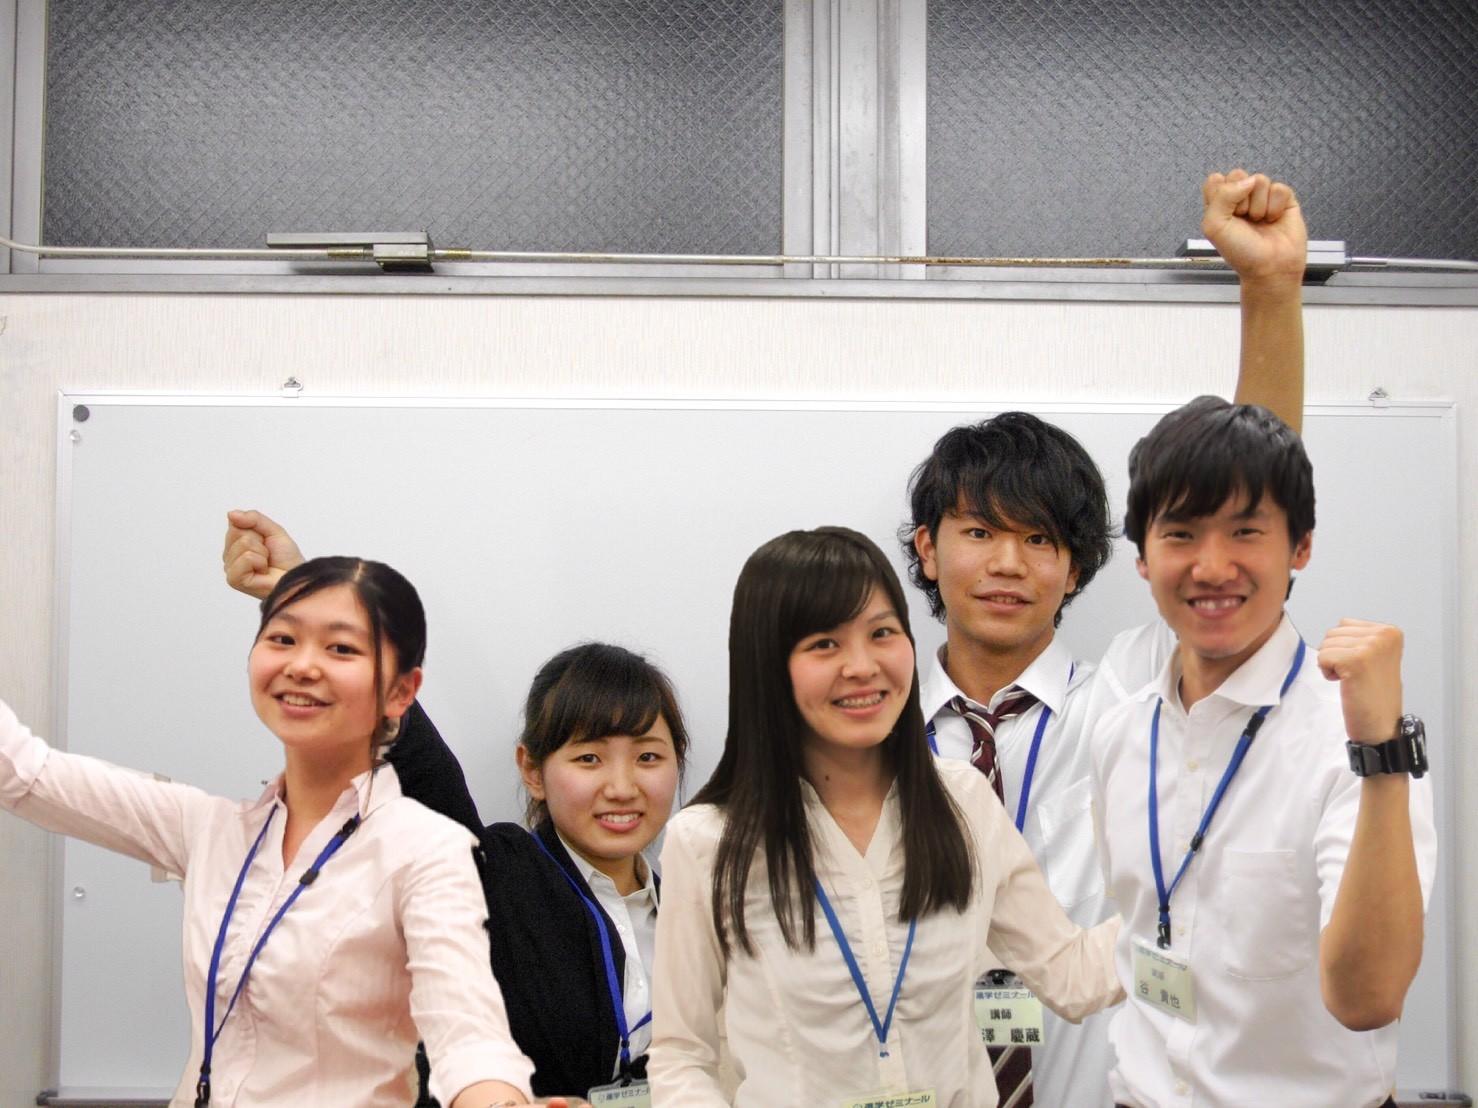 進学ゼミナール 東山駅前校 のアルバイト情報